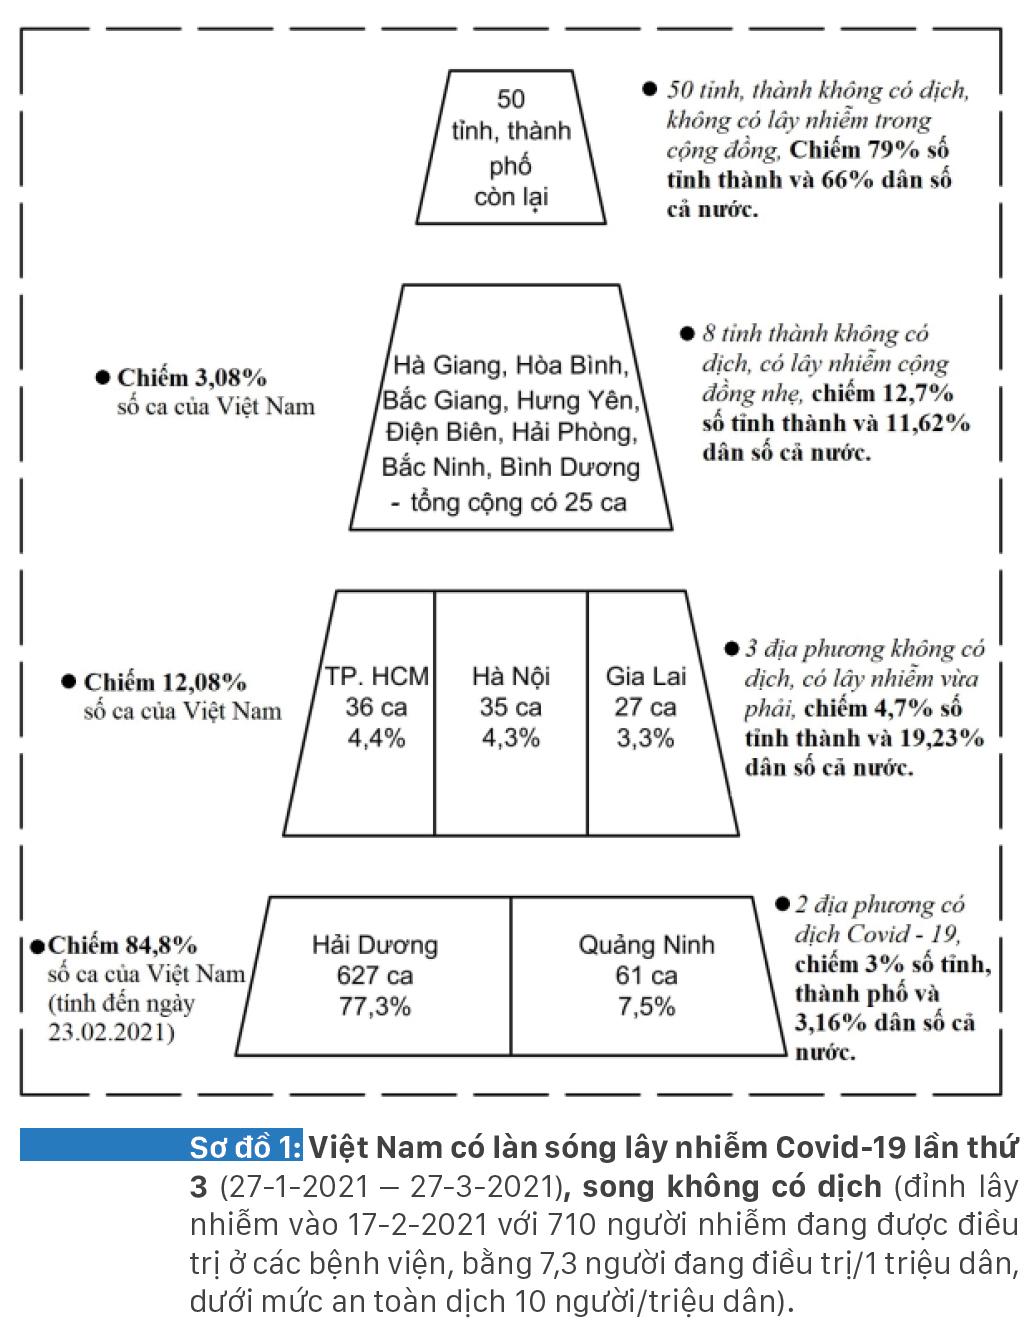 Làn sóng Covid-19 thứ 3 của Việt Nam đã đạt đỉnh, nhiều khả năng sẽ kết thúc cuối tháng 3-2021 ảnh 13